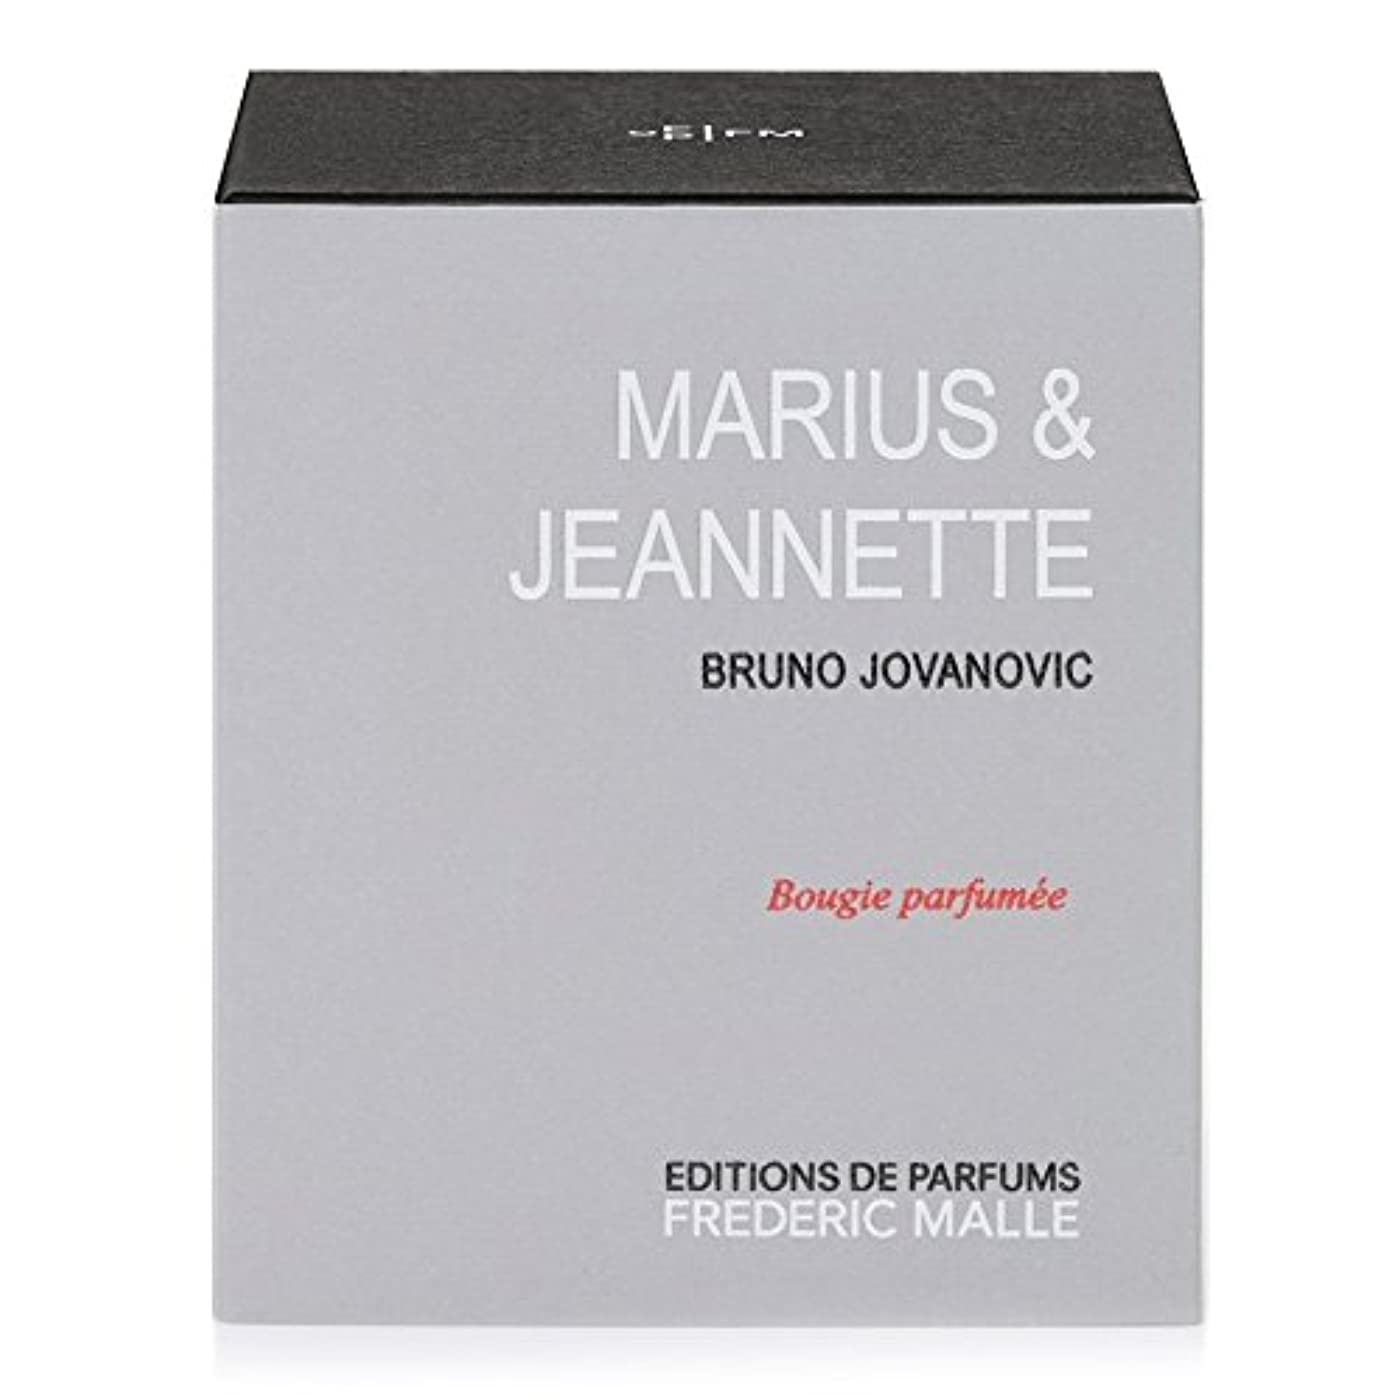 インチ今まで進捗フレデリック?マル とジャネット?香りのキャンドル x6 - Frederic Malle Maruis and Jeanette Scented Candle (Pack of 6) [並行輸入品]